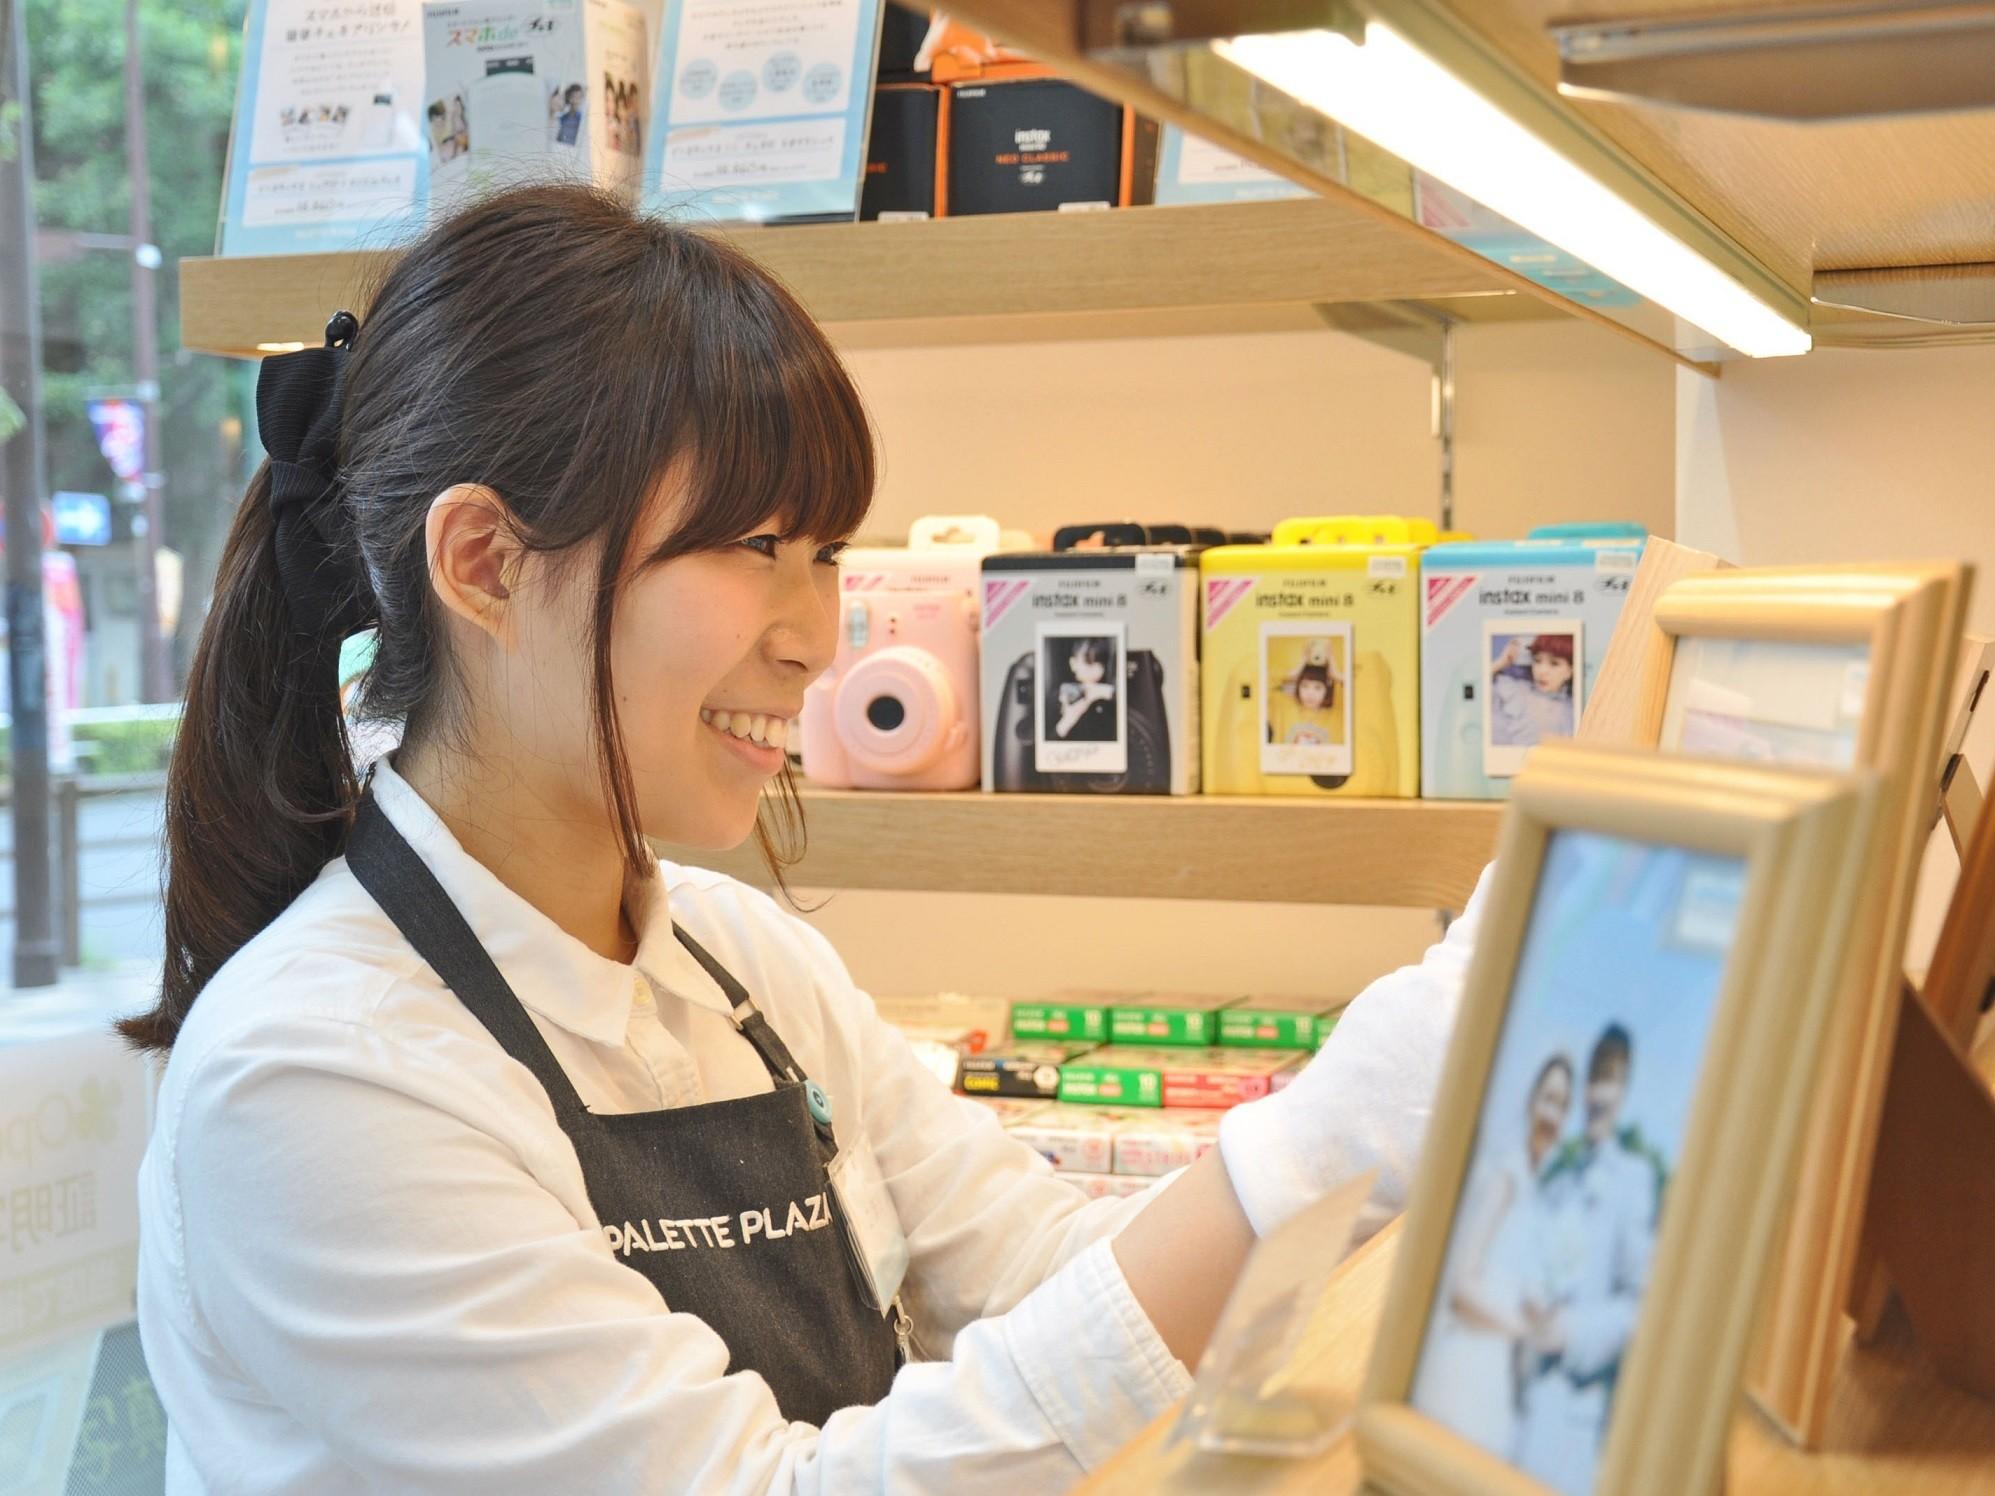 55ステーション 千歳船橋店<短期募集>のアルバイト情報